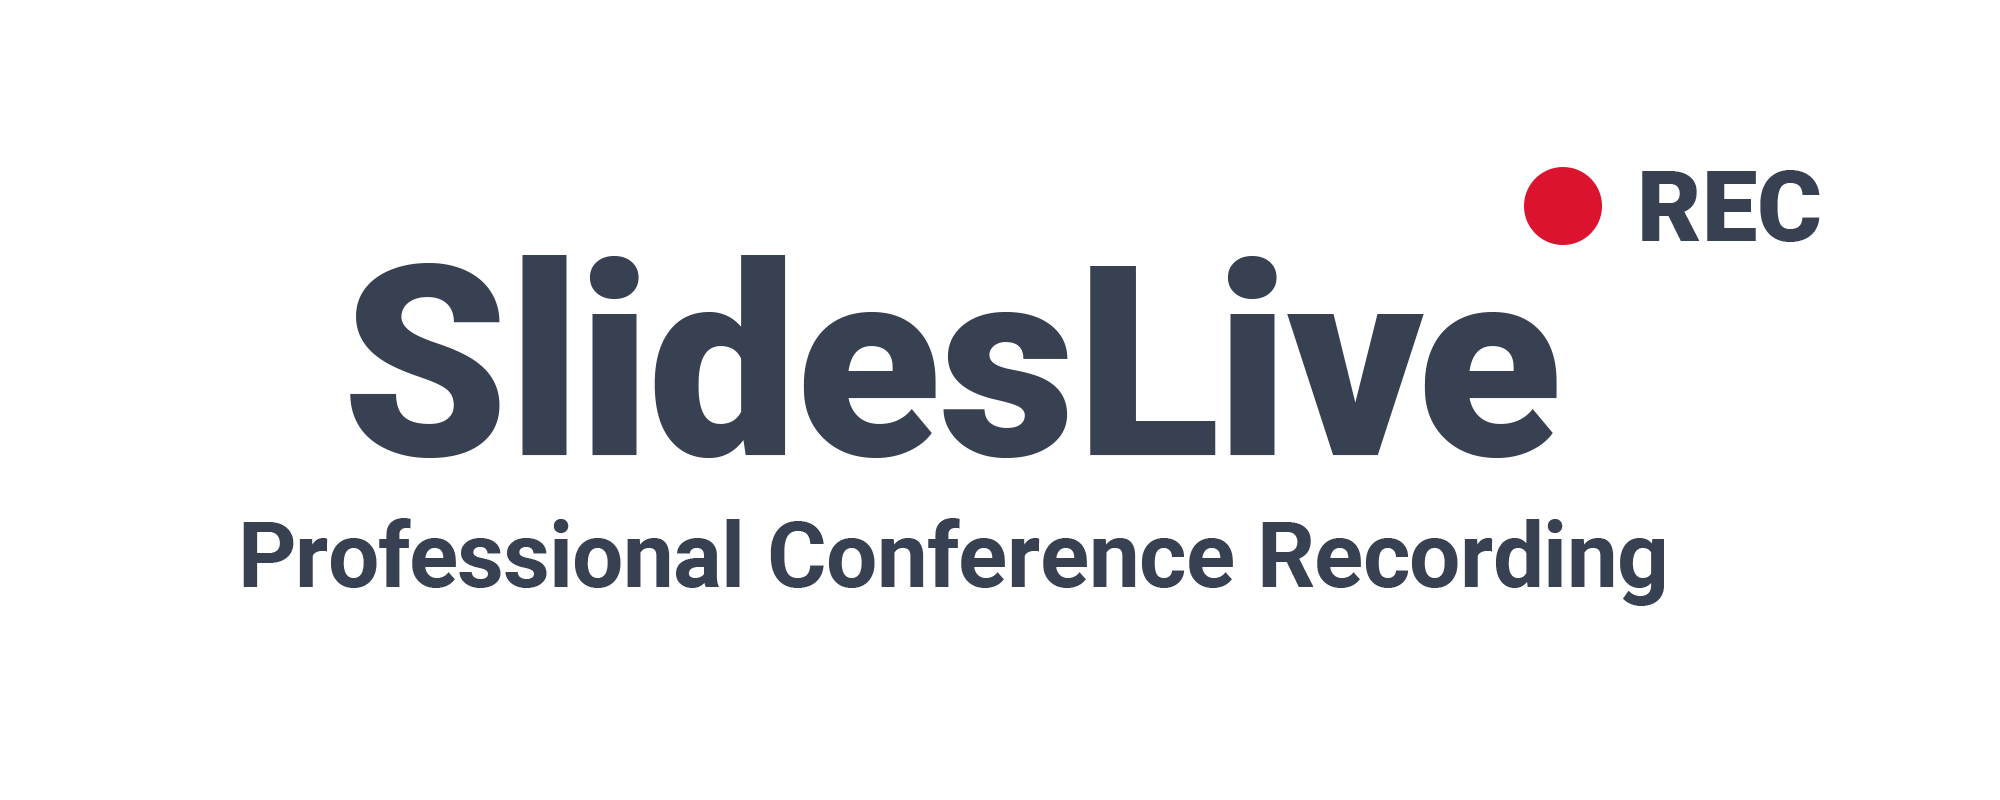 SlidesLive